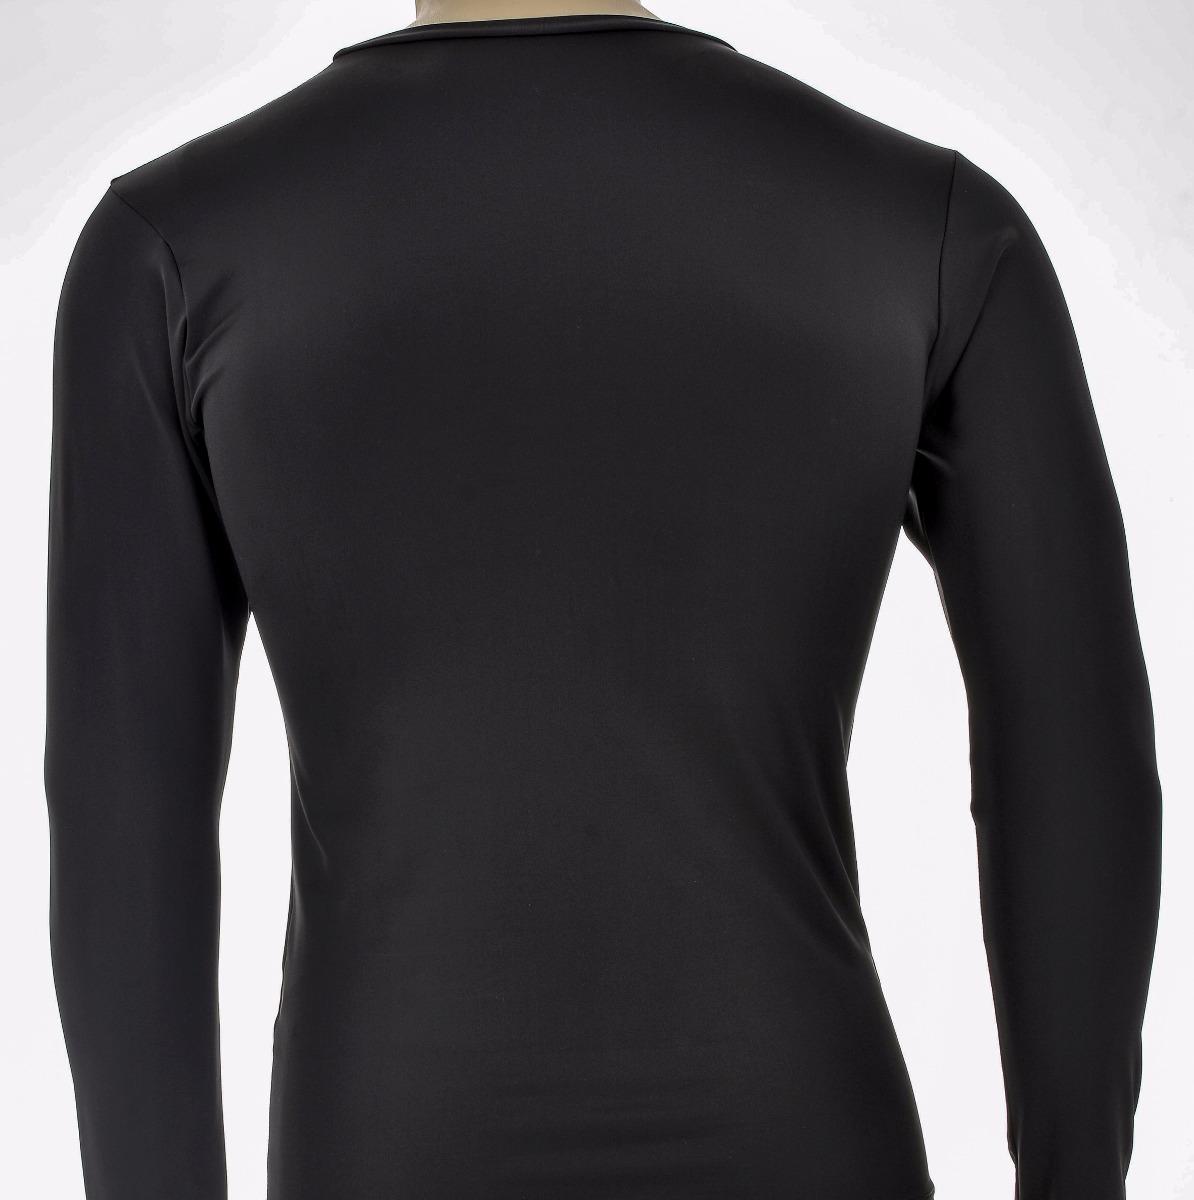 camisa térmica segunda pele manga longa proteção uv50 apogée. Carregando  zoom... camisa manga longa. Carregando zoom. 92fa6a3e11a5f